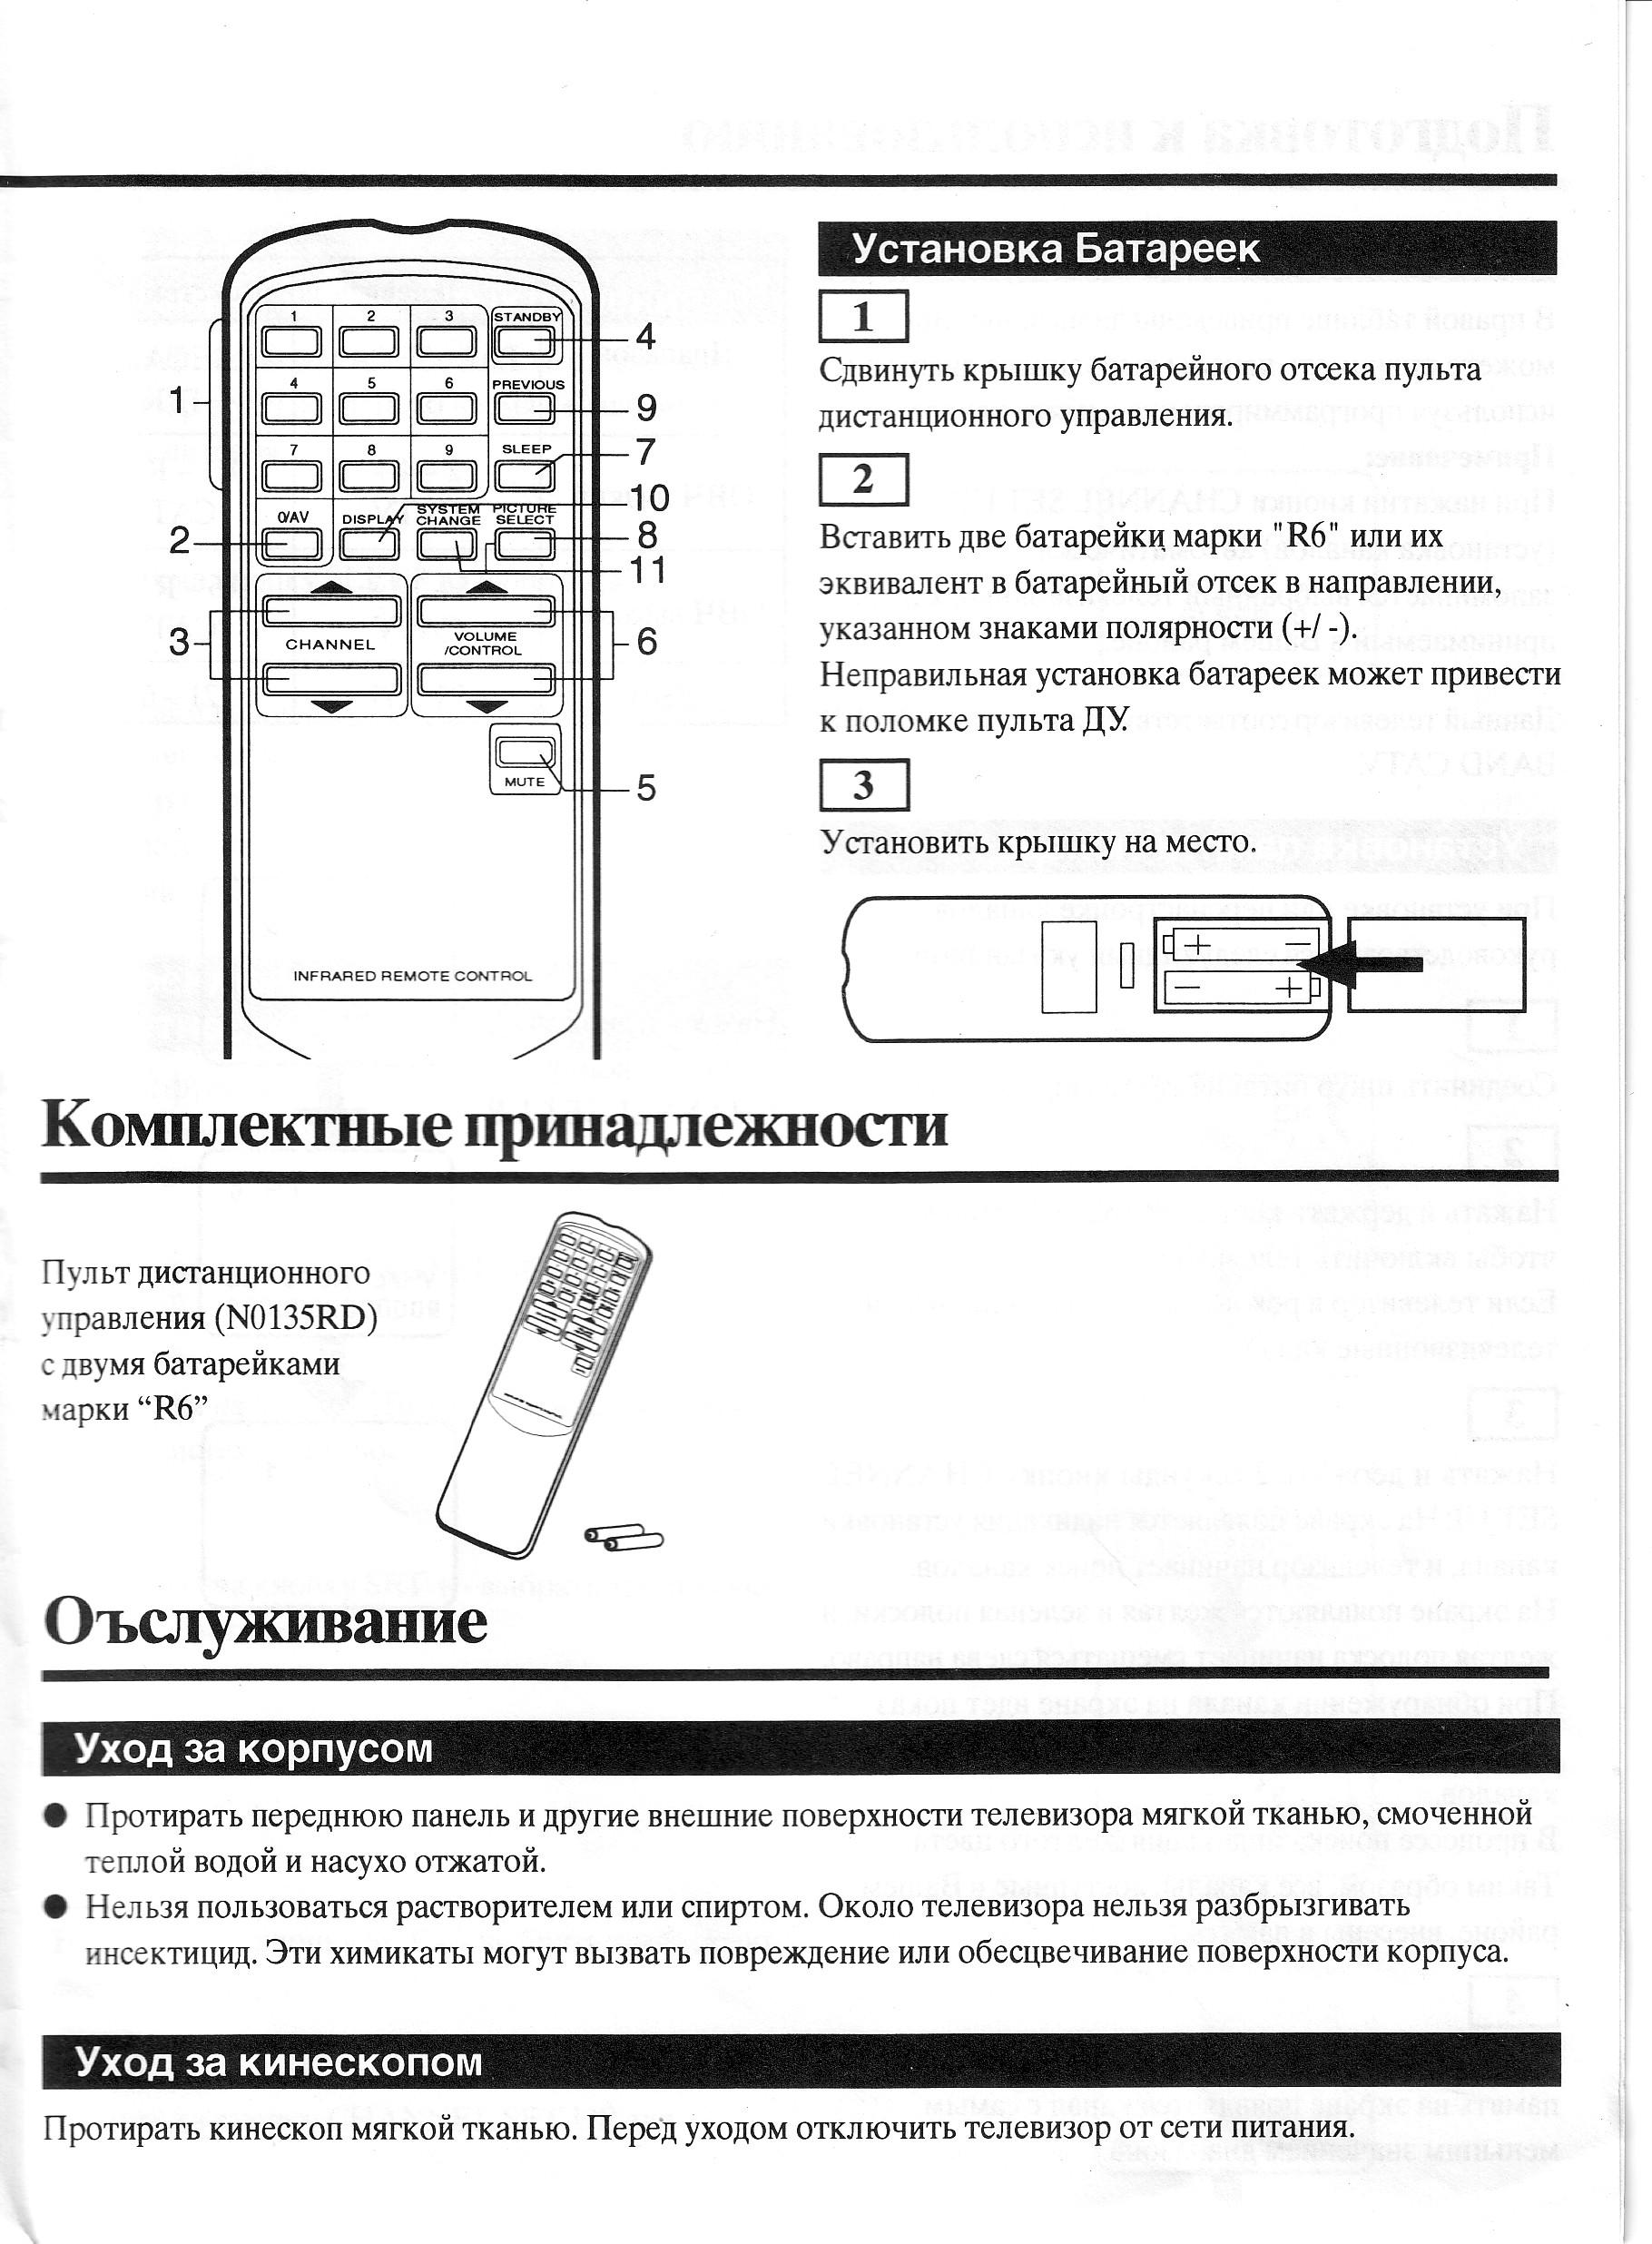 инструкция dvd-7877